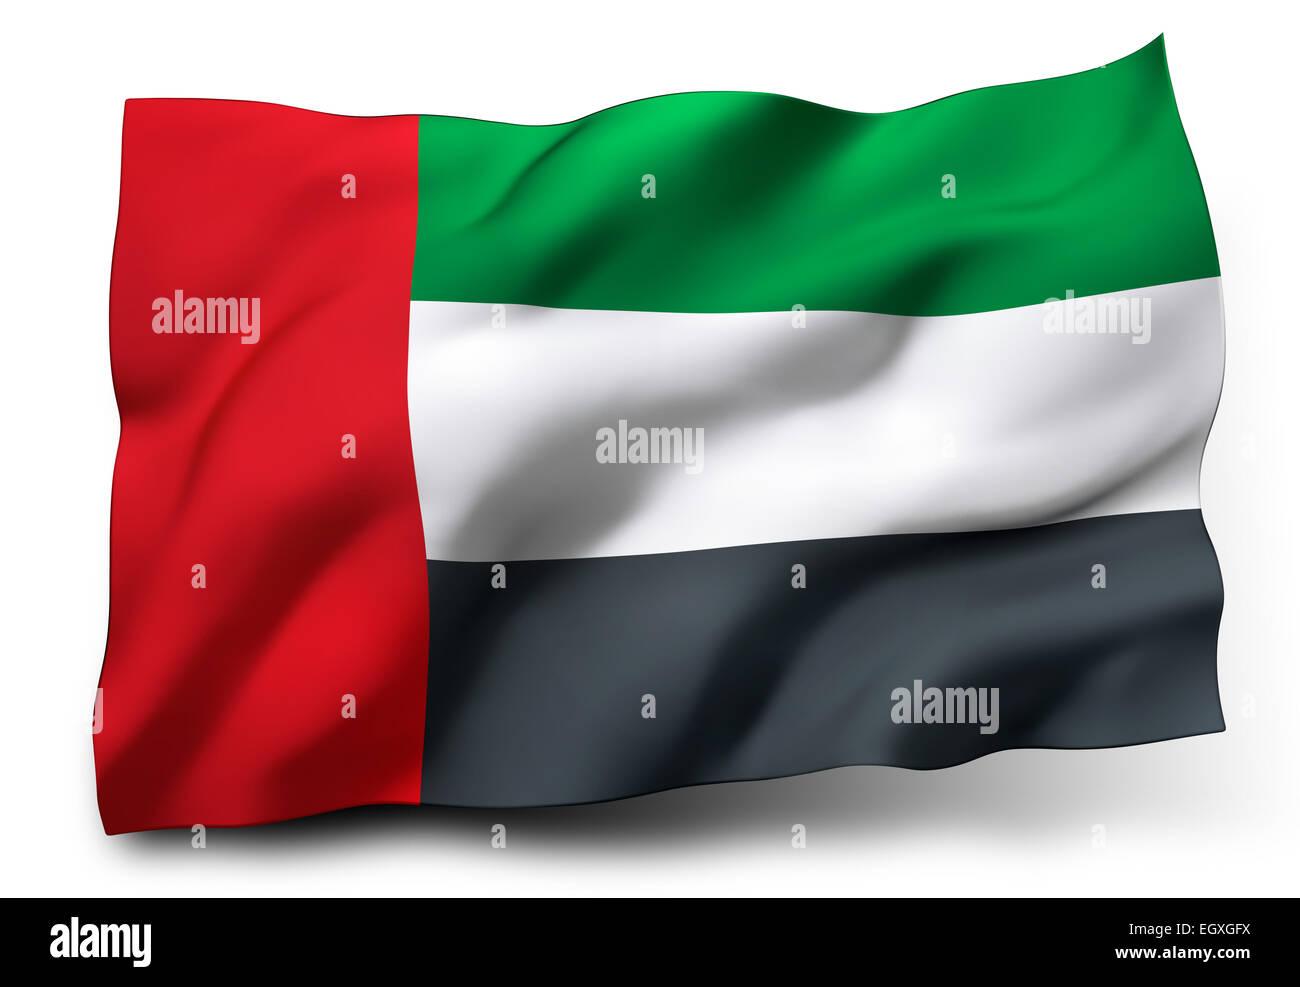 Waving flag of United Arab Emirates isolated on white background - Stock Image